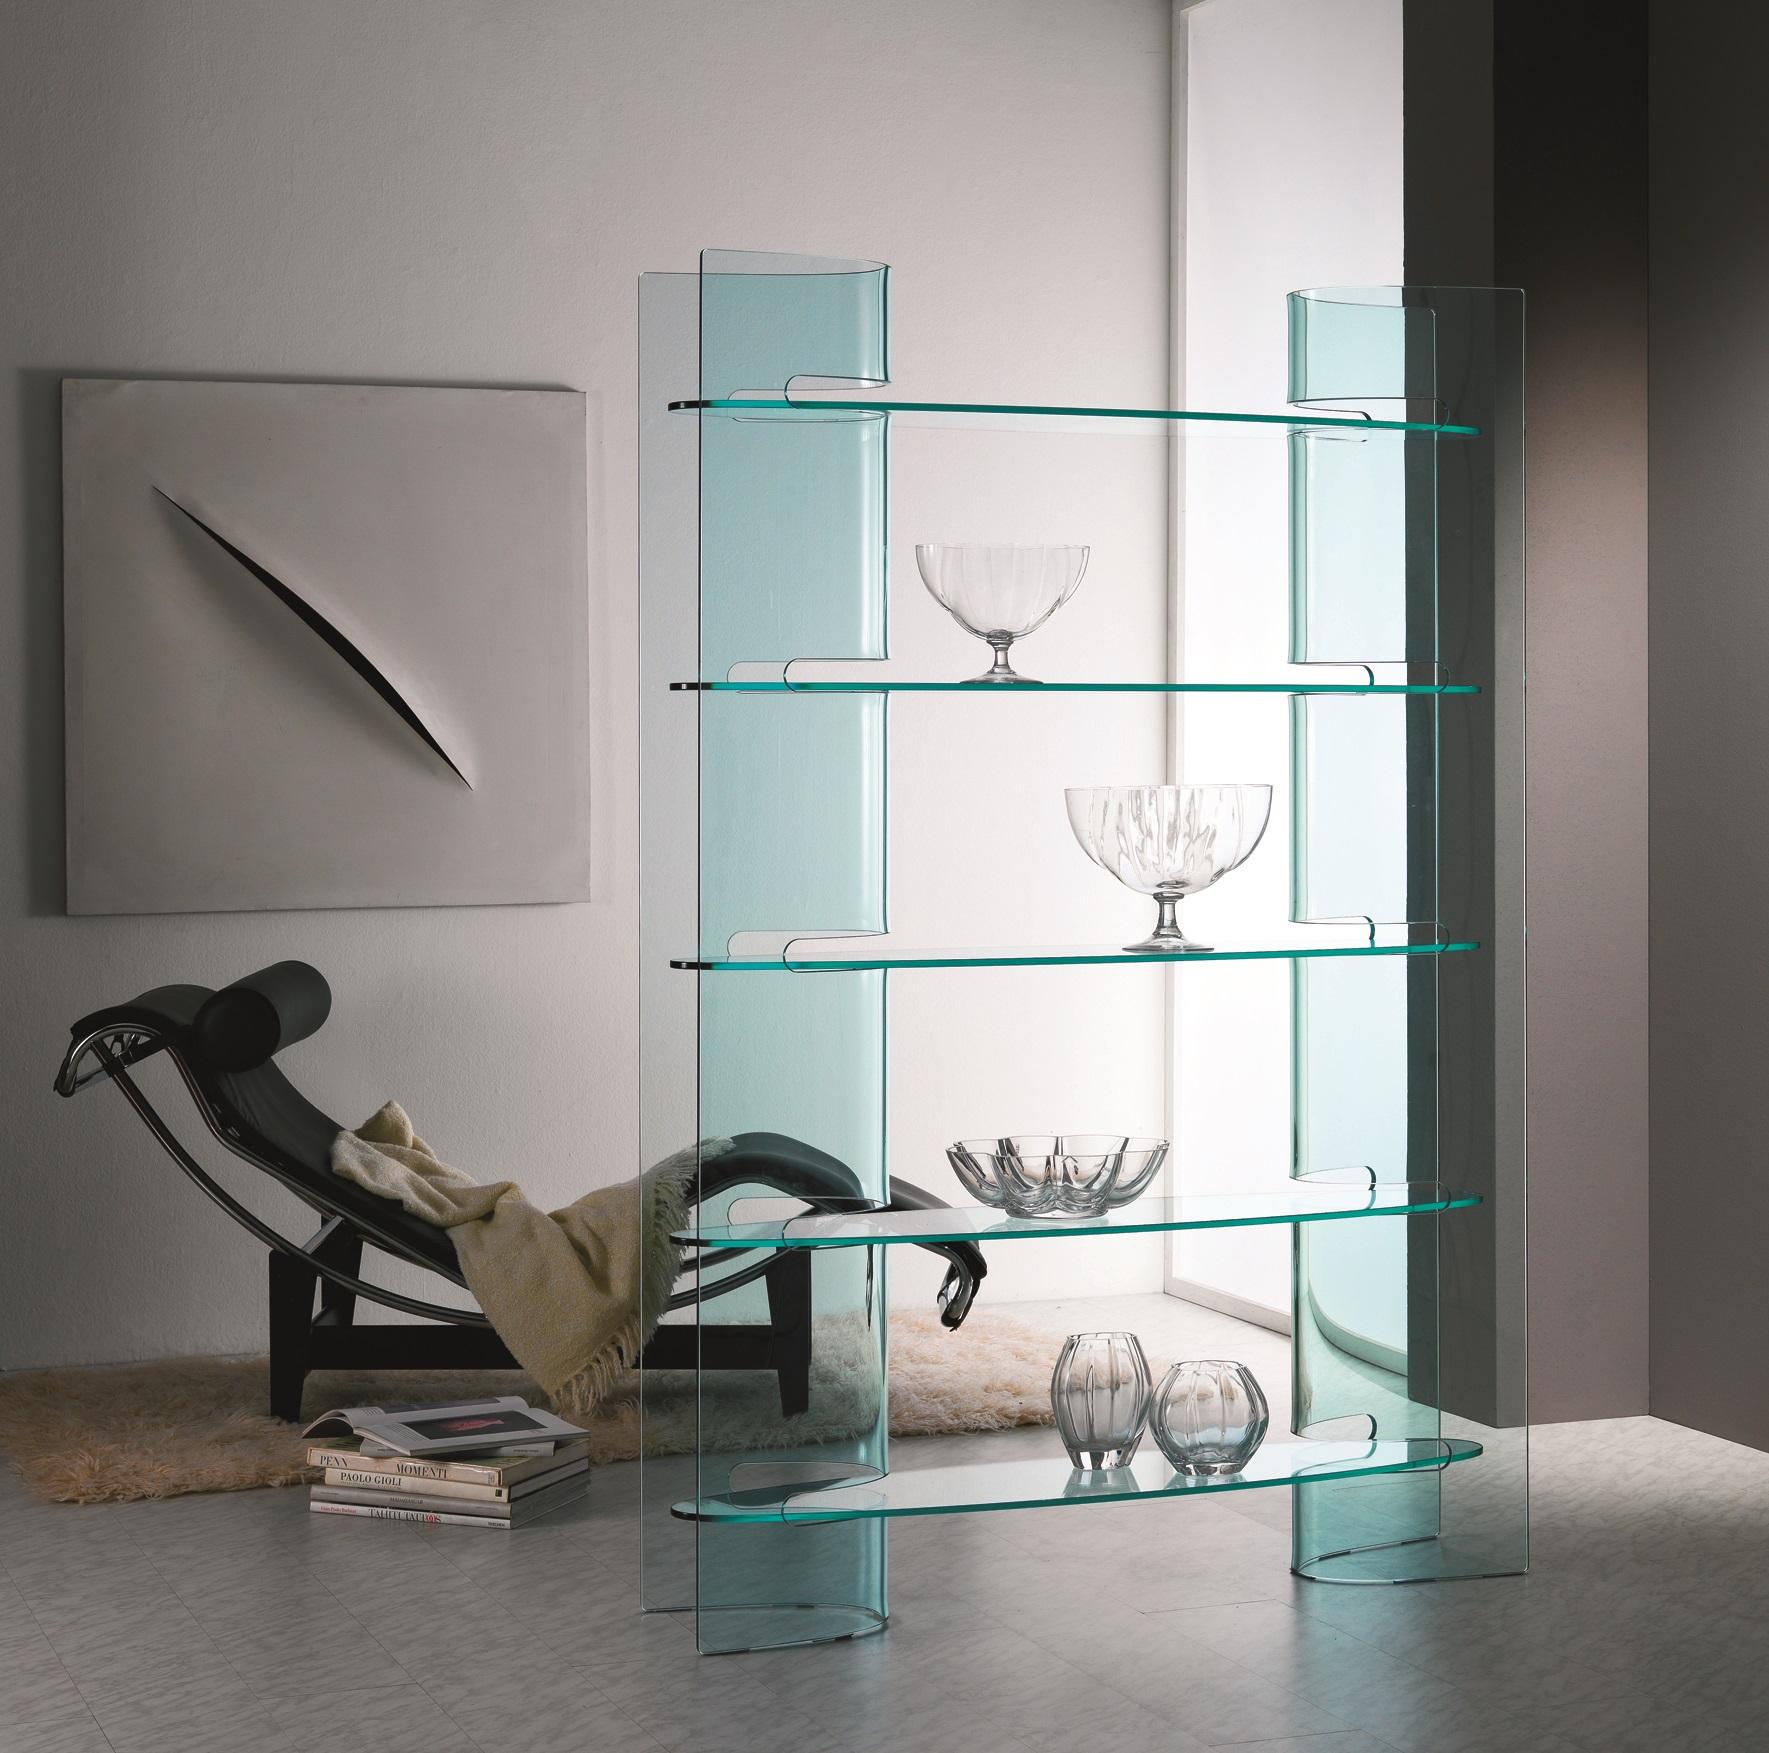 Design Glasregal Raumteiler Slalom Von Lavetreria Die Wohn Galerie